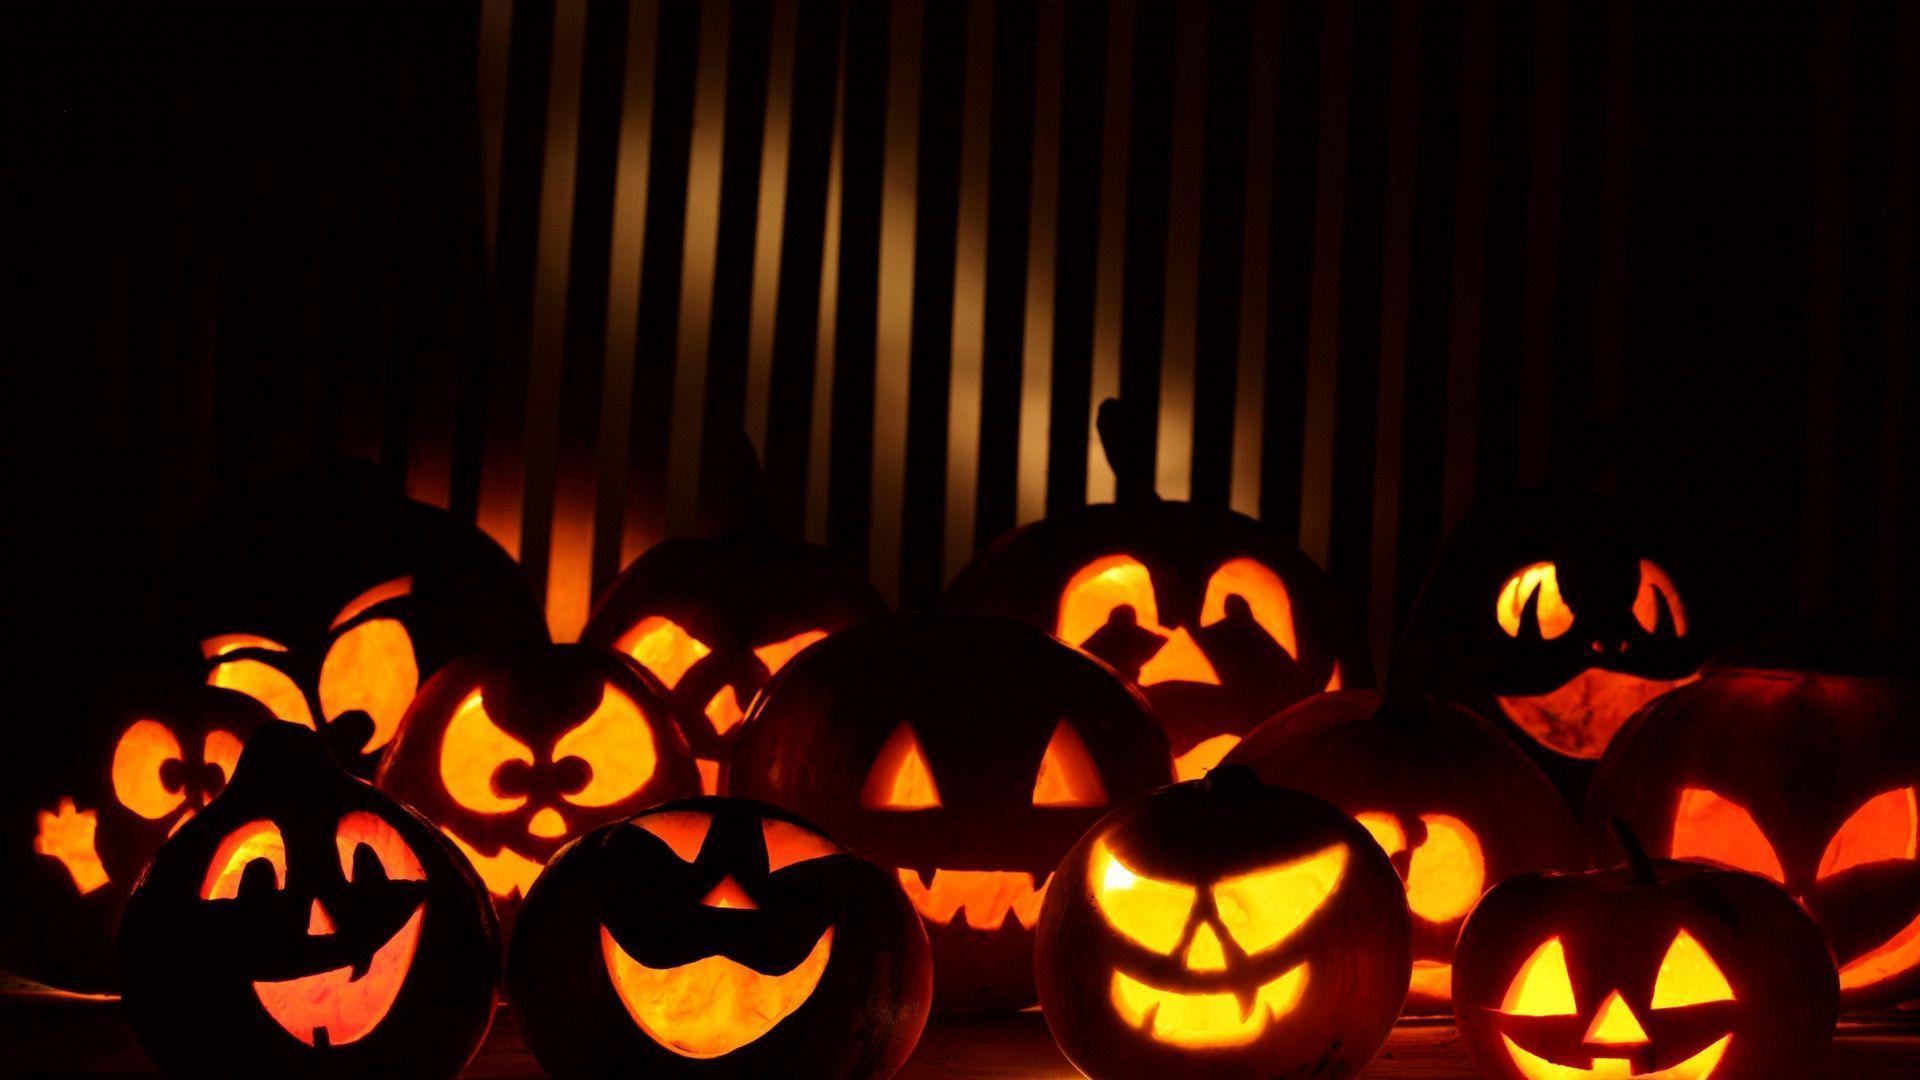 HD Happy Halloween Desktop Background